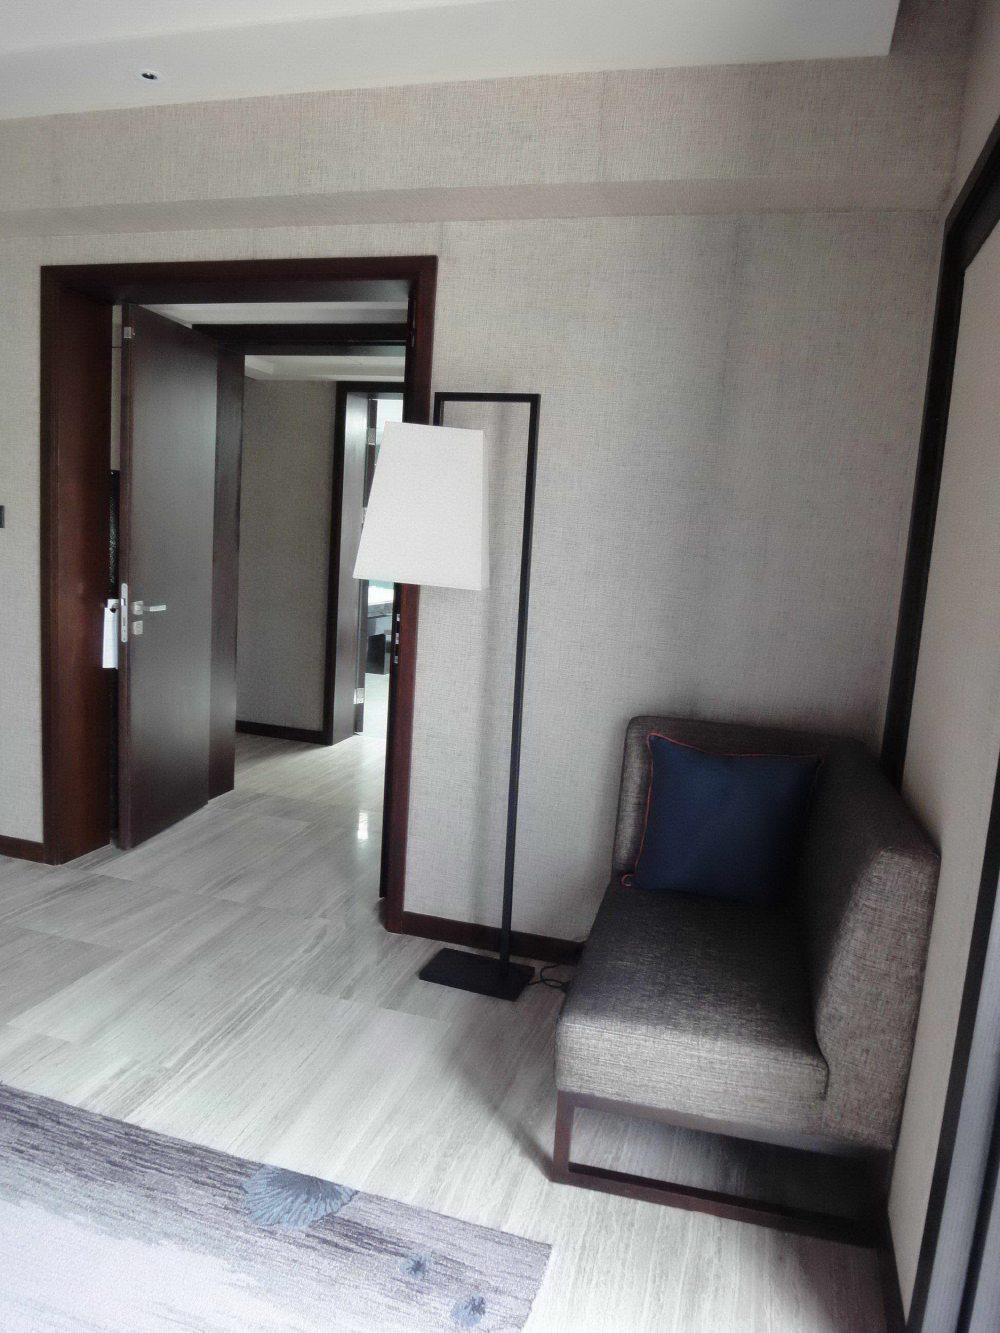 云南丽江铂尔曼渡假酒店(Lijiang Pullman Hotel)(CCD)(第8页更新)_DSC05169.jpg